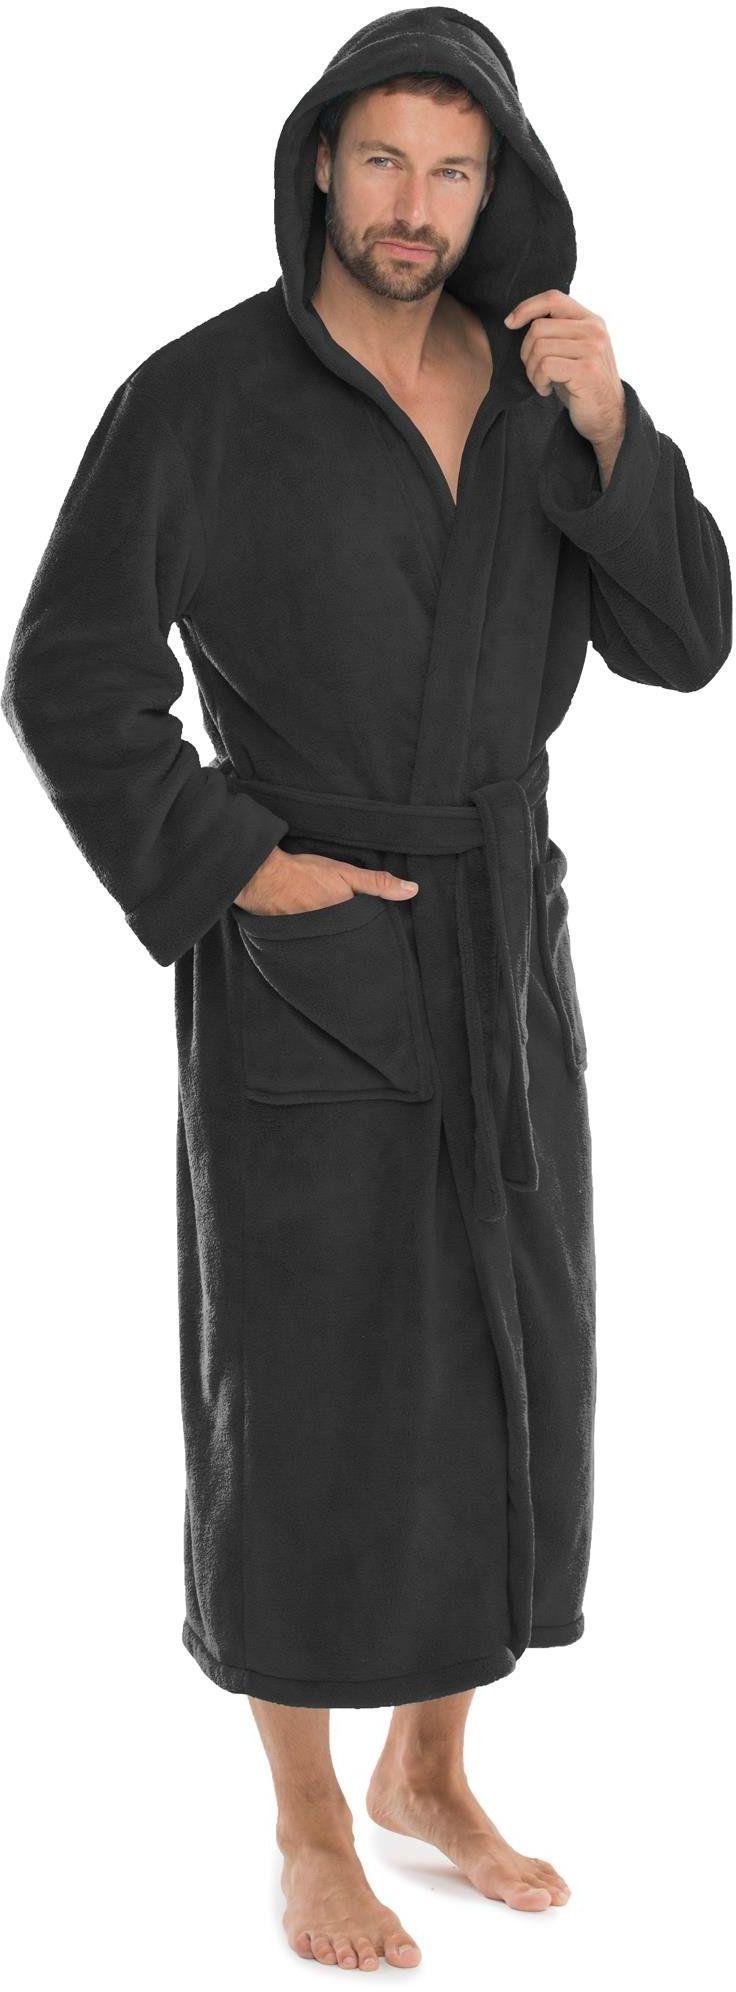 CelinaTex Florida damski szlafrok kąpielowy, rozmiar XXXL, czarny, szlafrok poranny, polar, szlafrok do sauny, z mikrofibry, kaptur unisex